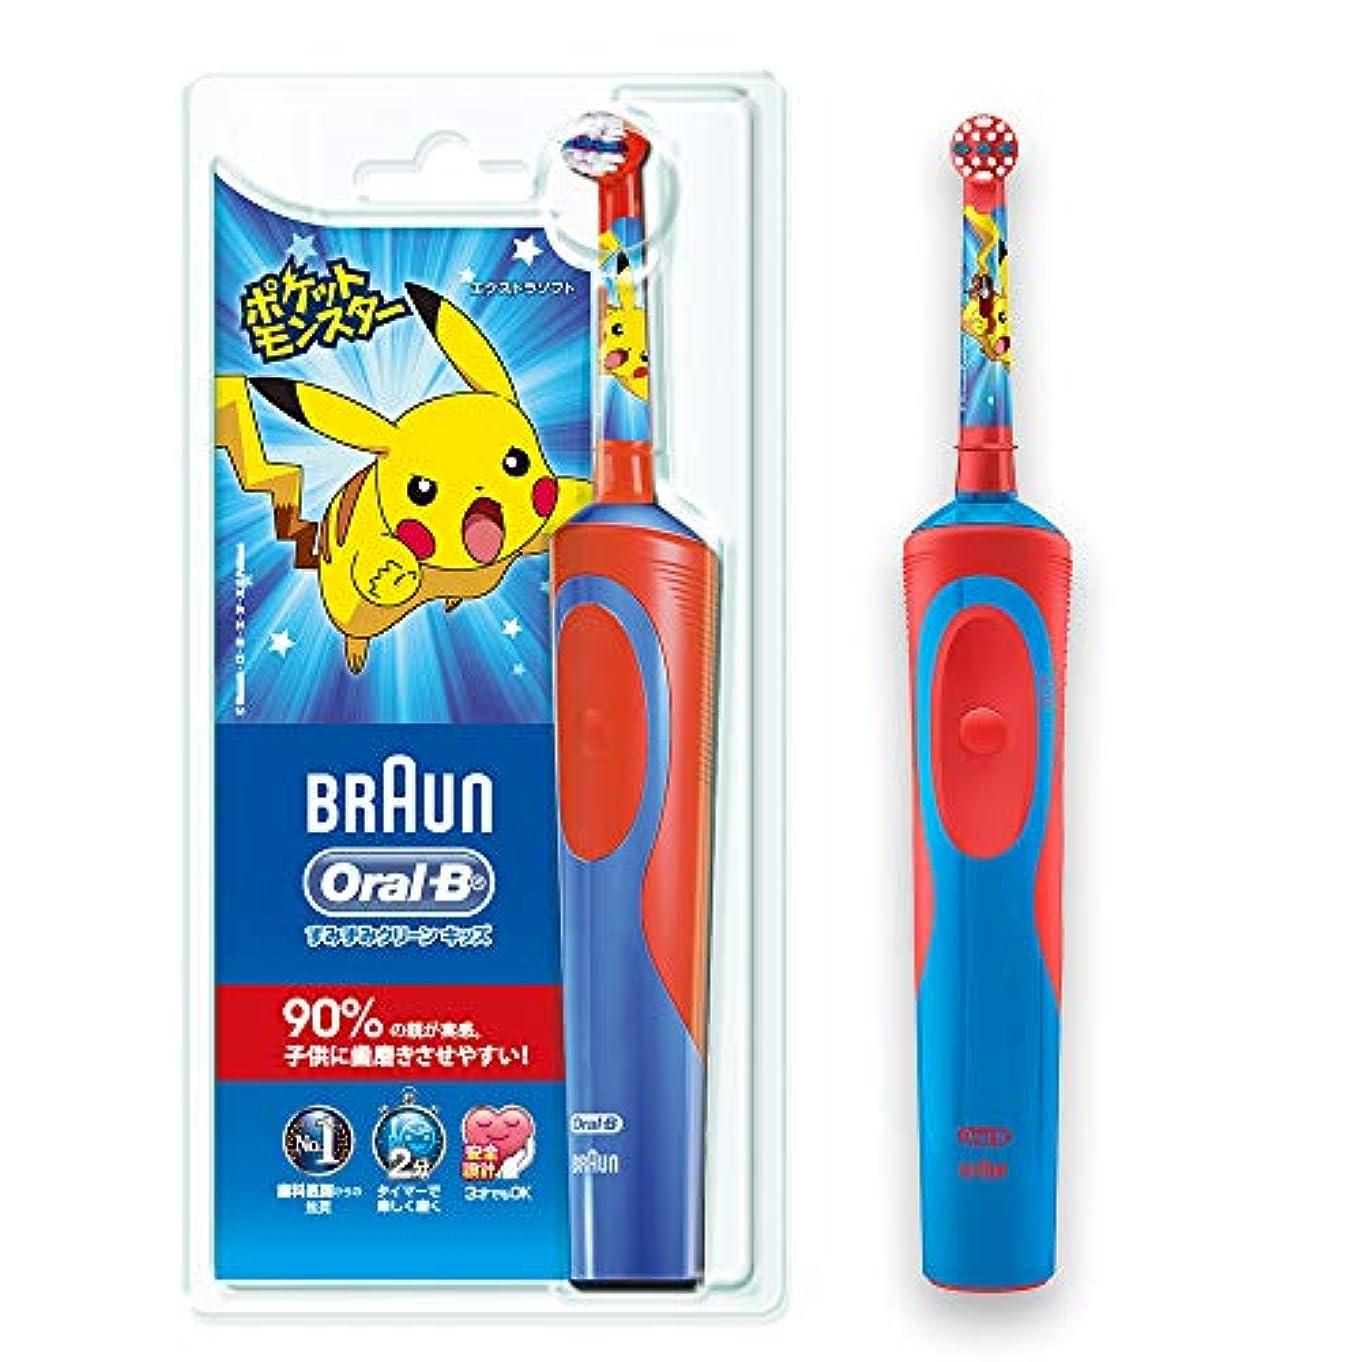 勘違いするまたフェローシップブラウン オーラルB 電動歯ブラシ 子供用 D12513KPKMB すみずみクリーンキッズ 本体 レッド ポケモン 歯ブラシ